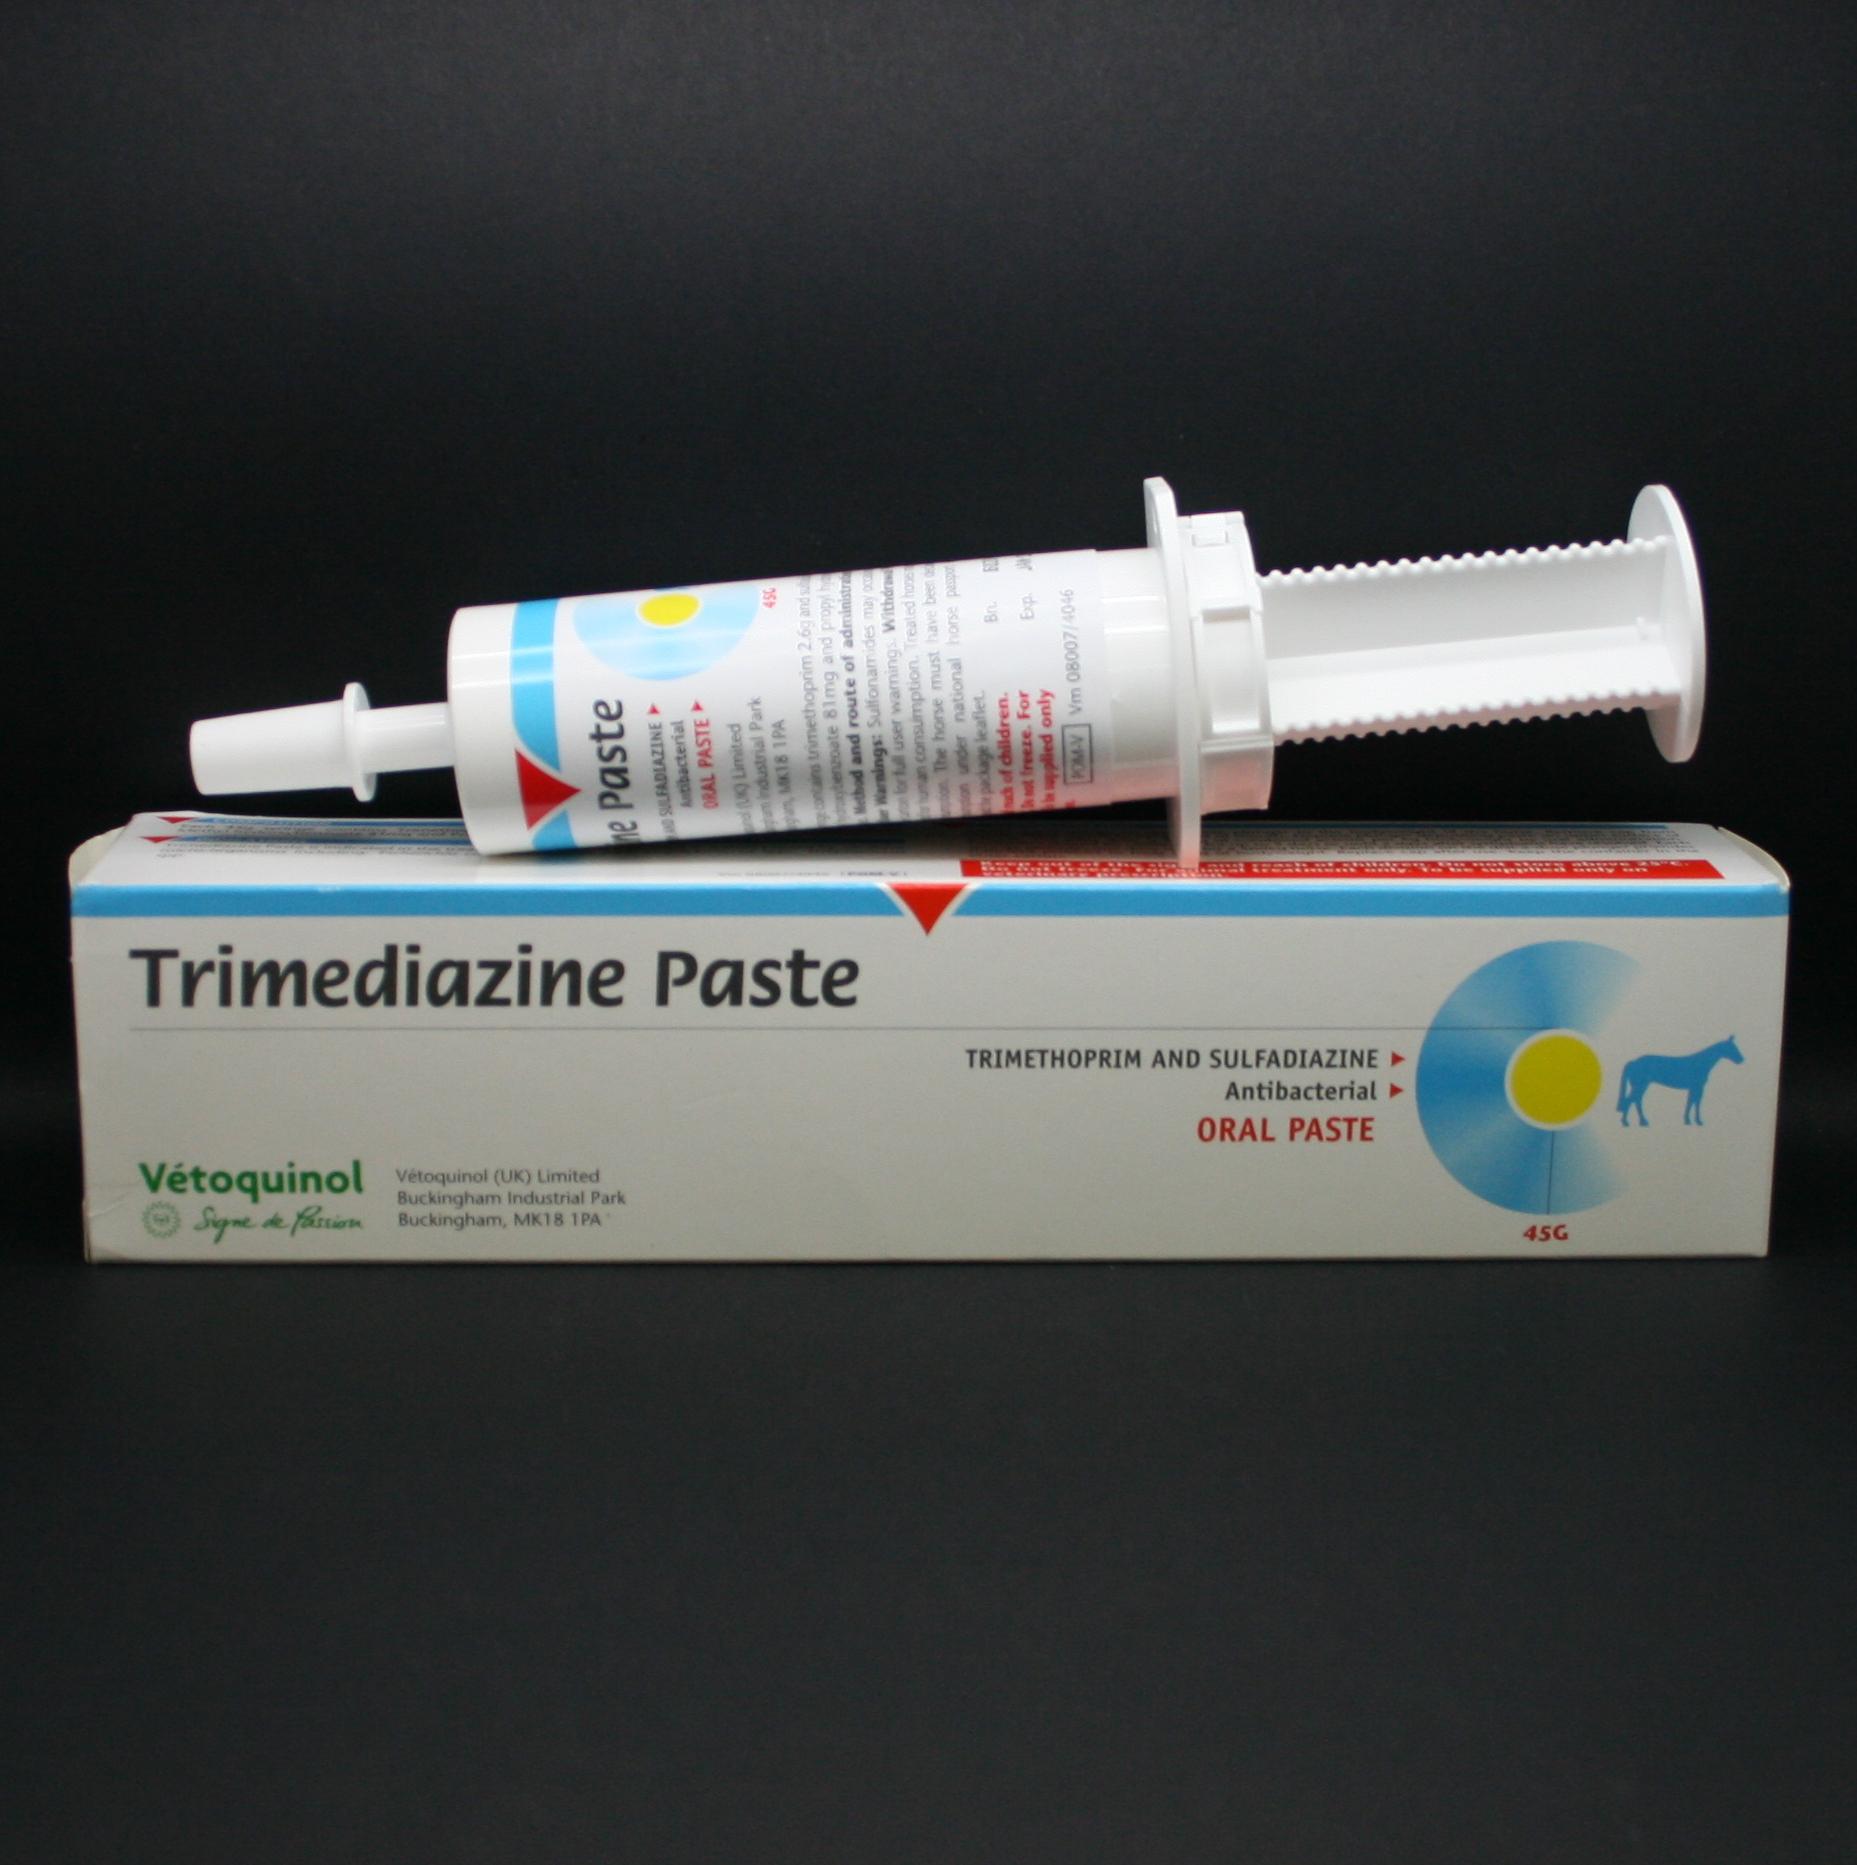 Trimediazine� Paste 45g